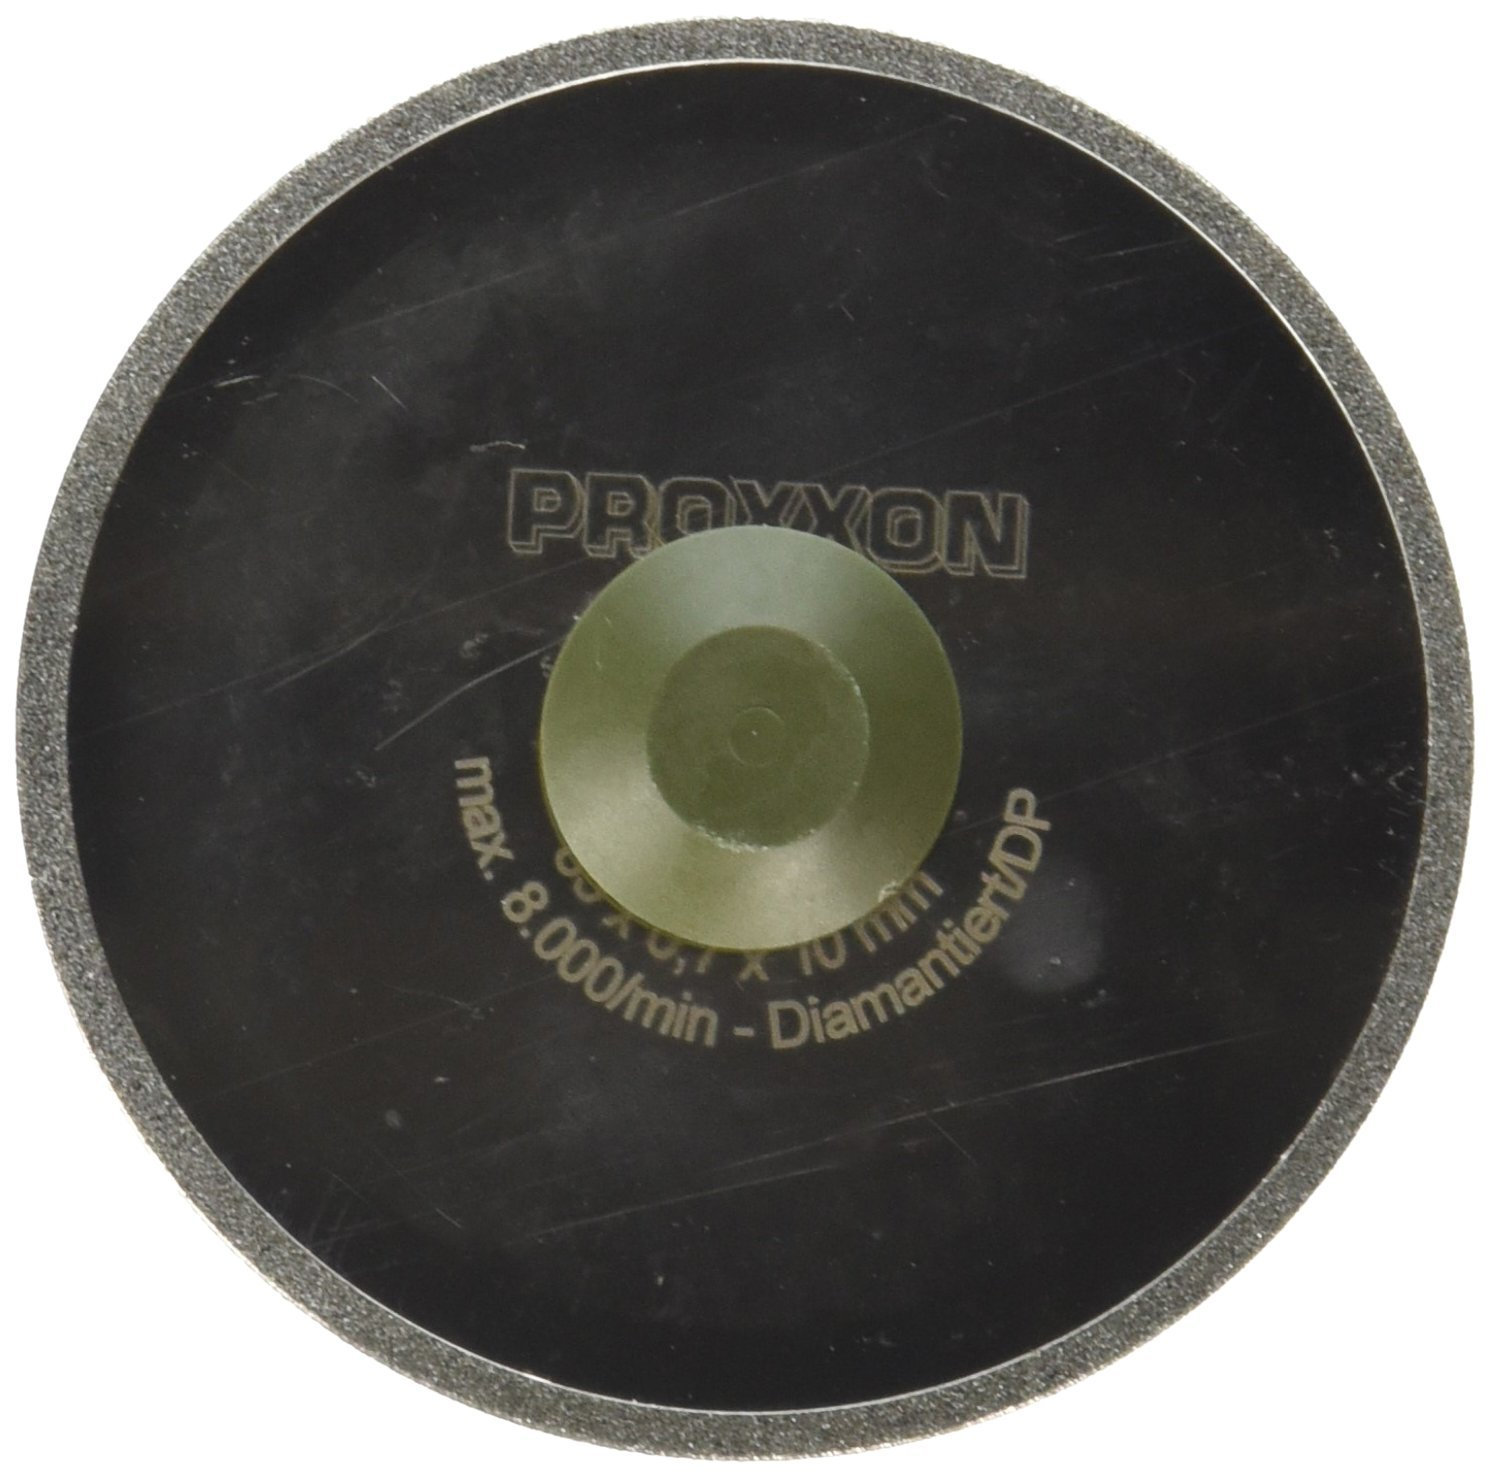 PROXXON Trung Quốc Đức thẳng trại Kim cương cắt miếng NO28735 dùng để cưa NO27070 đĩa